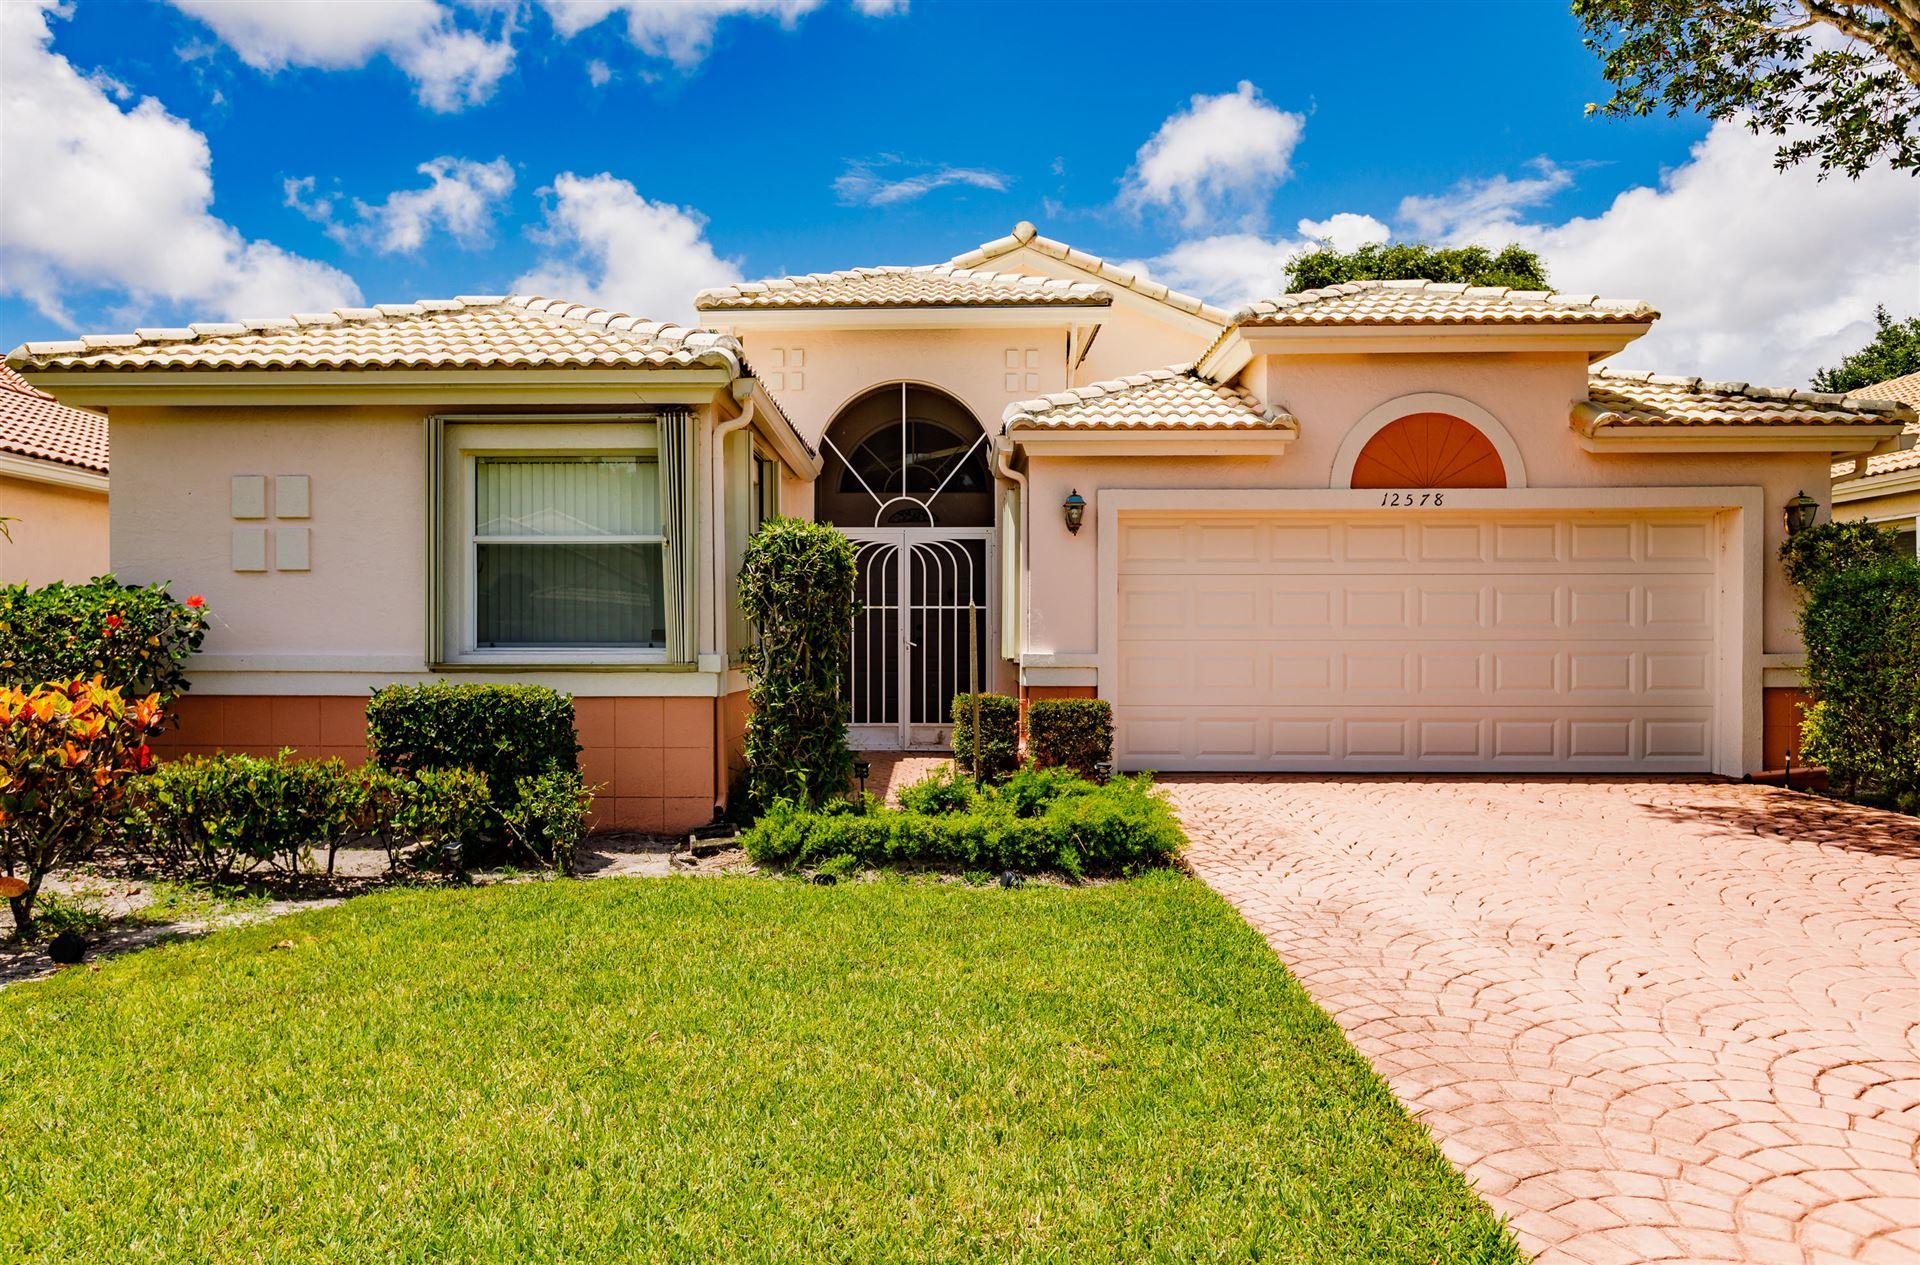 12578 Coral Lakes Drive, Boynton Beach, FL 33437 - #: RX-10721928